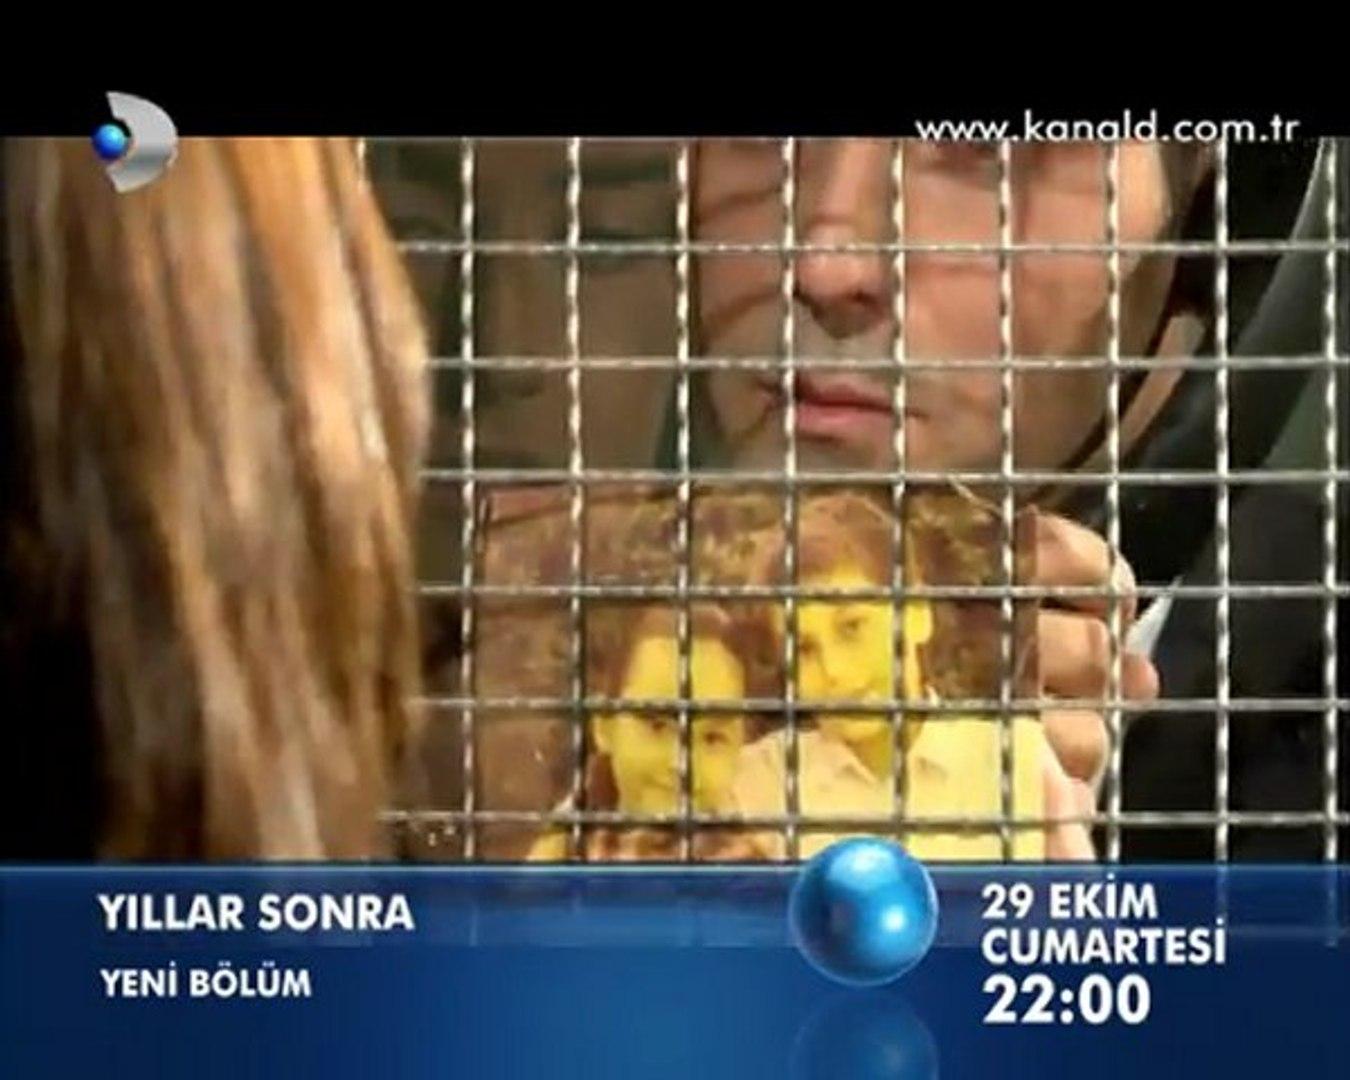 Kanal D - Dizi / Yıllar Sonra (2.Bölüm) (29.10.2011) (Yeni Dizi) (Fragman-1) (SinemaTv.info)